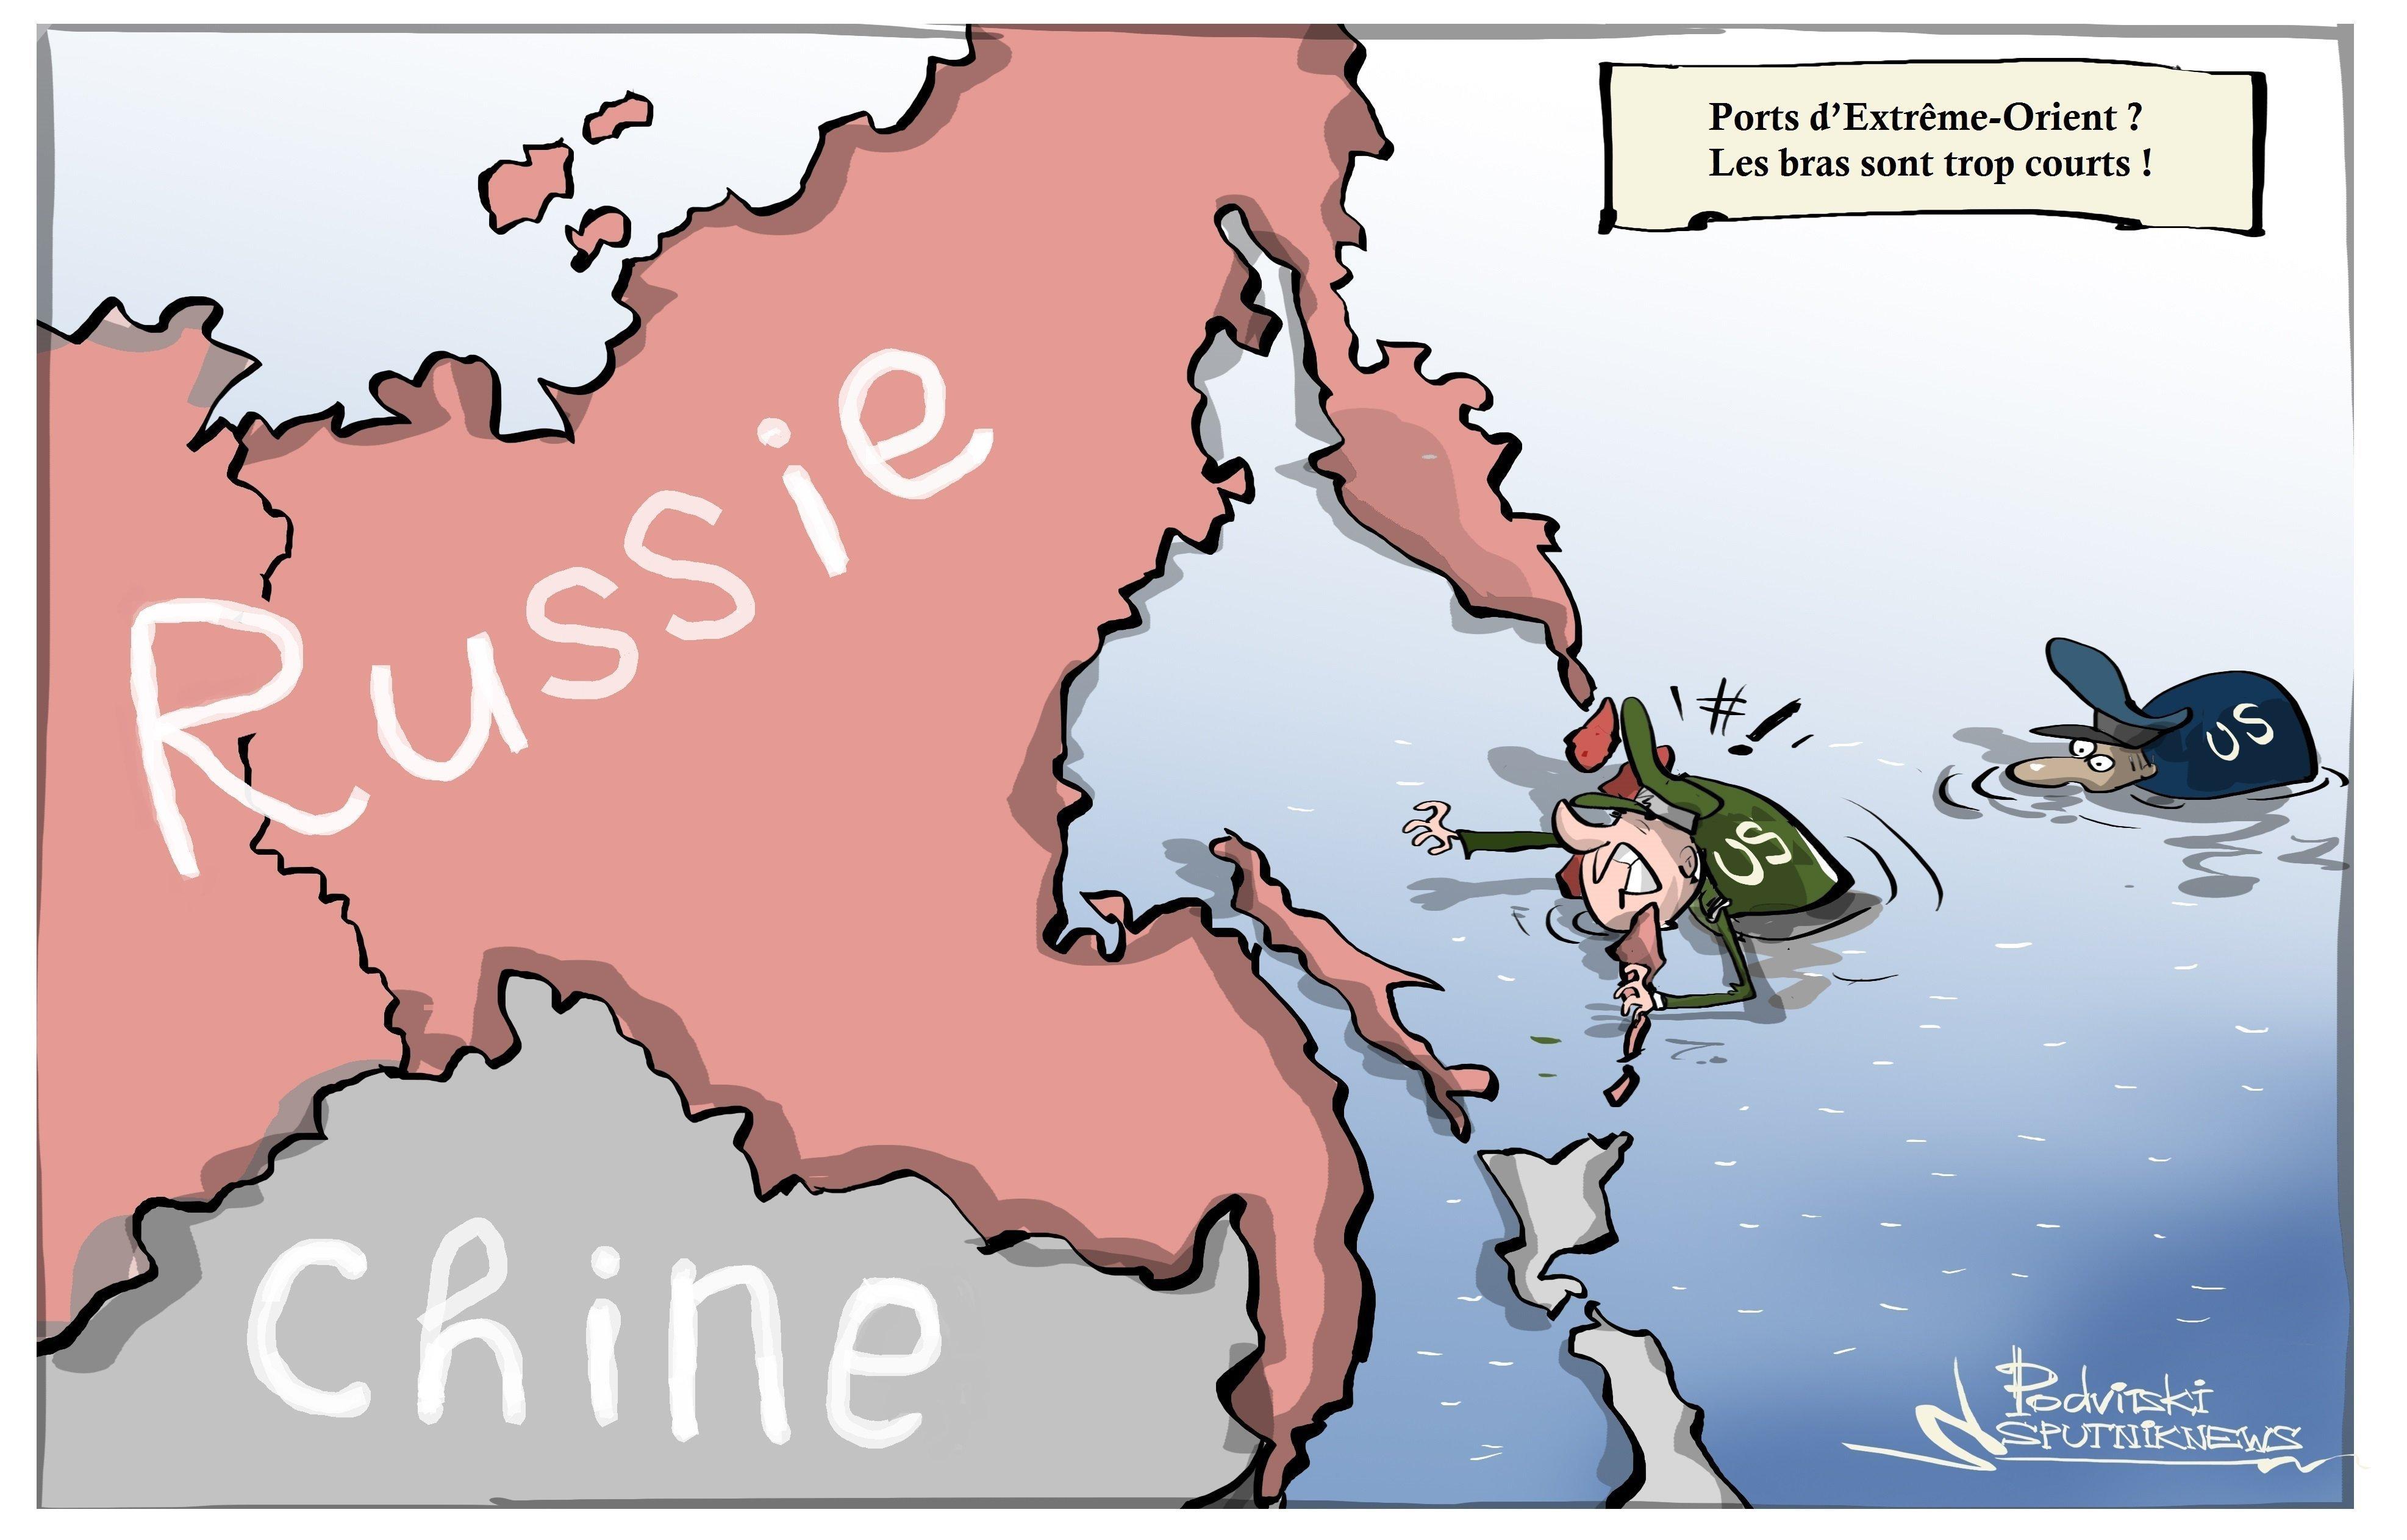 Les USA veulent surveiller les ports russes d'Extrême Orient